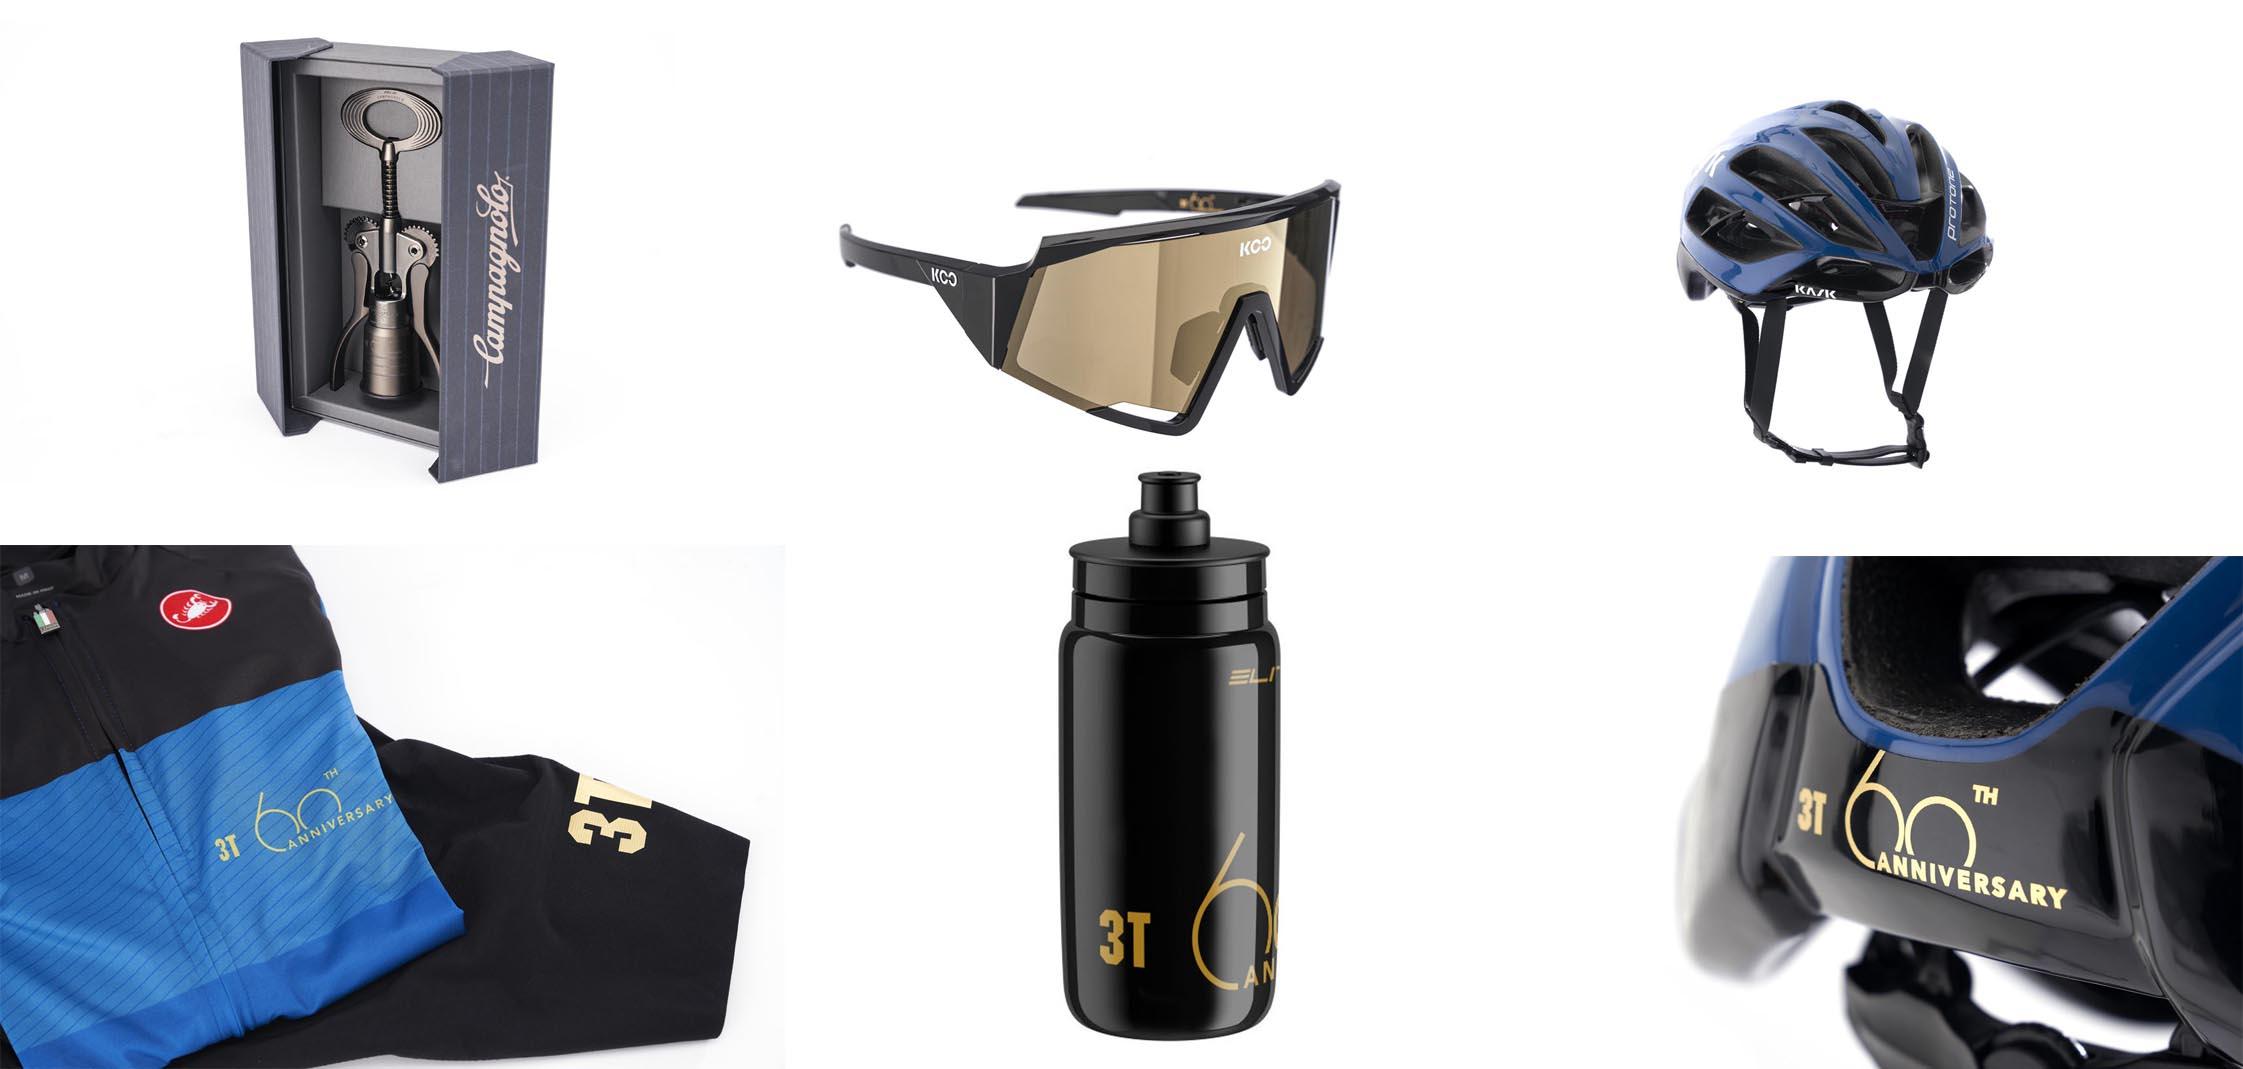 3T 60th Anniversary Dreambox custom apparel fizik castelli kask koo